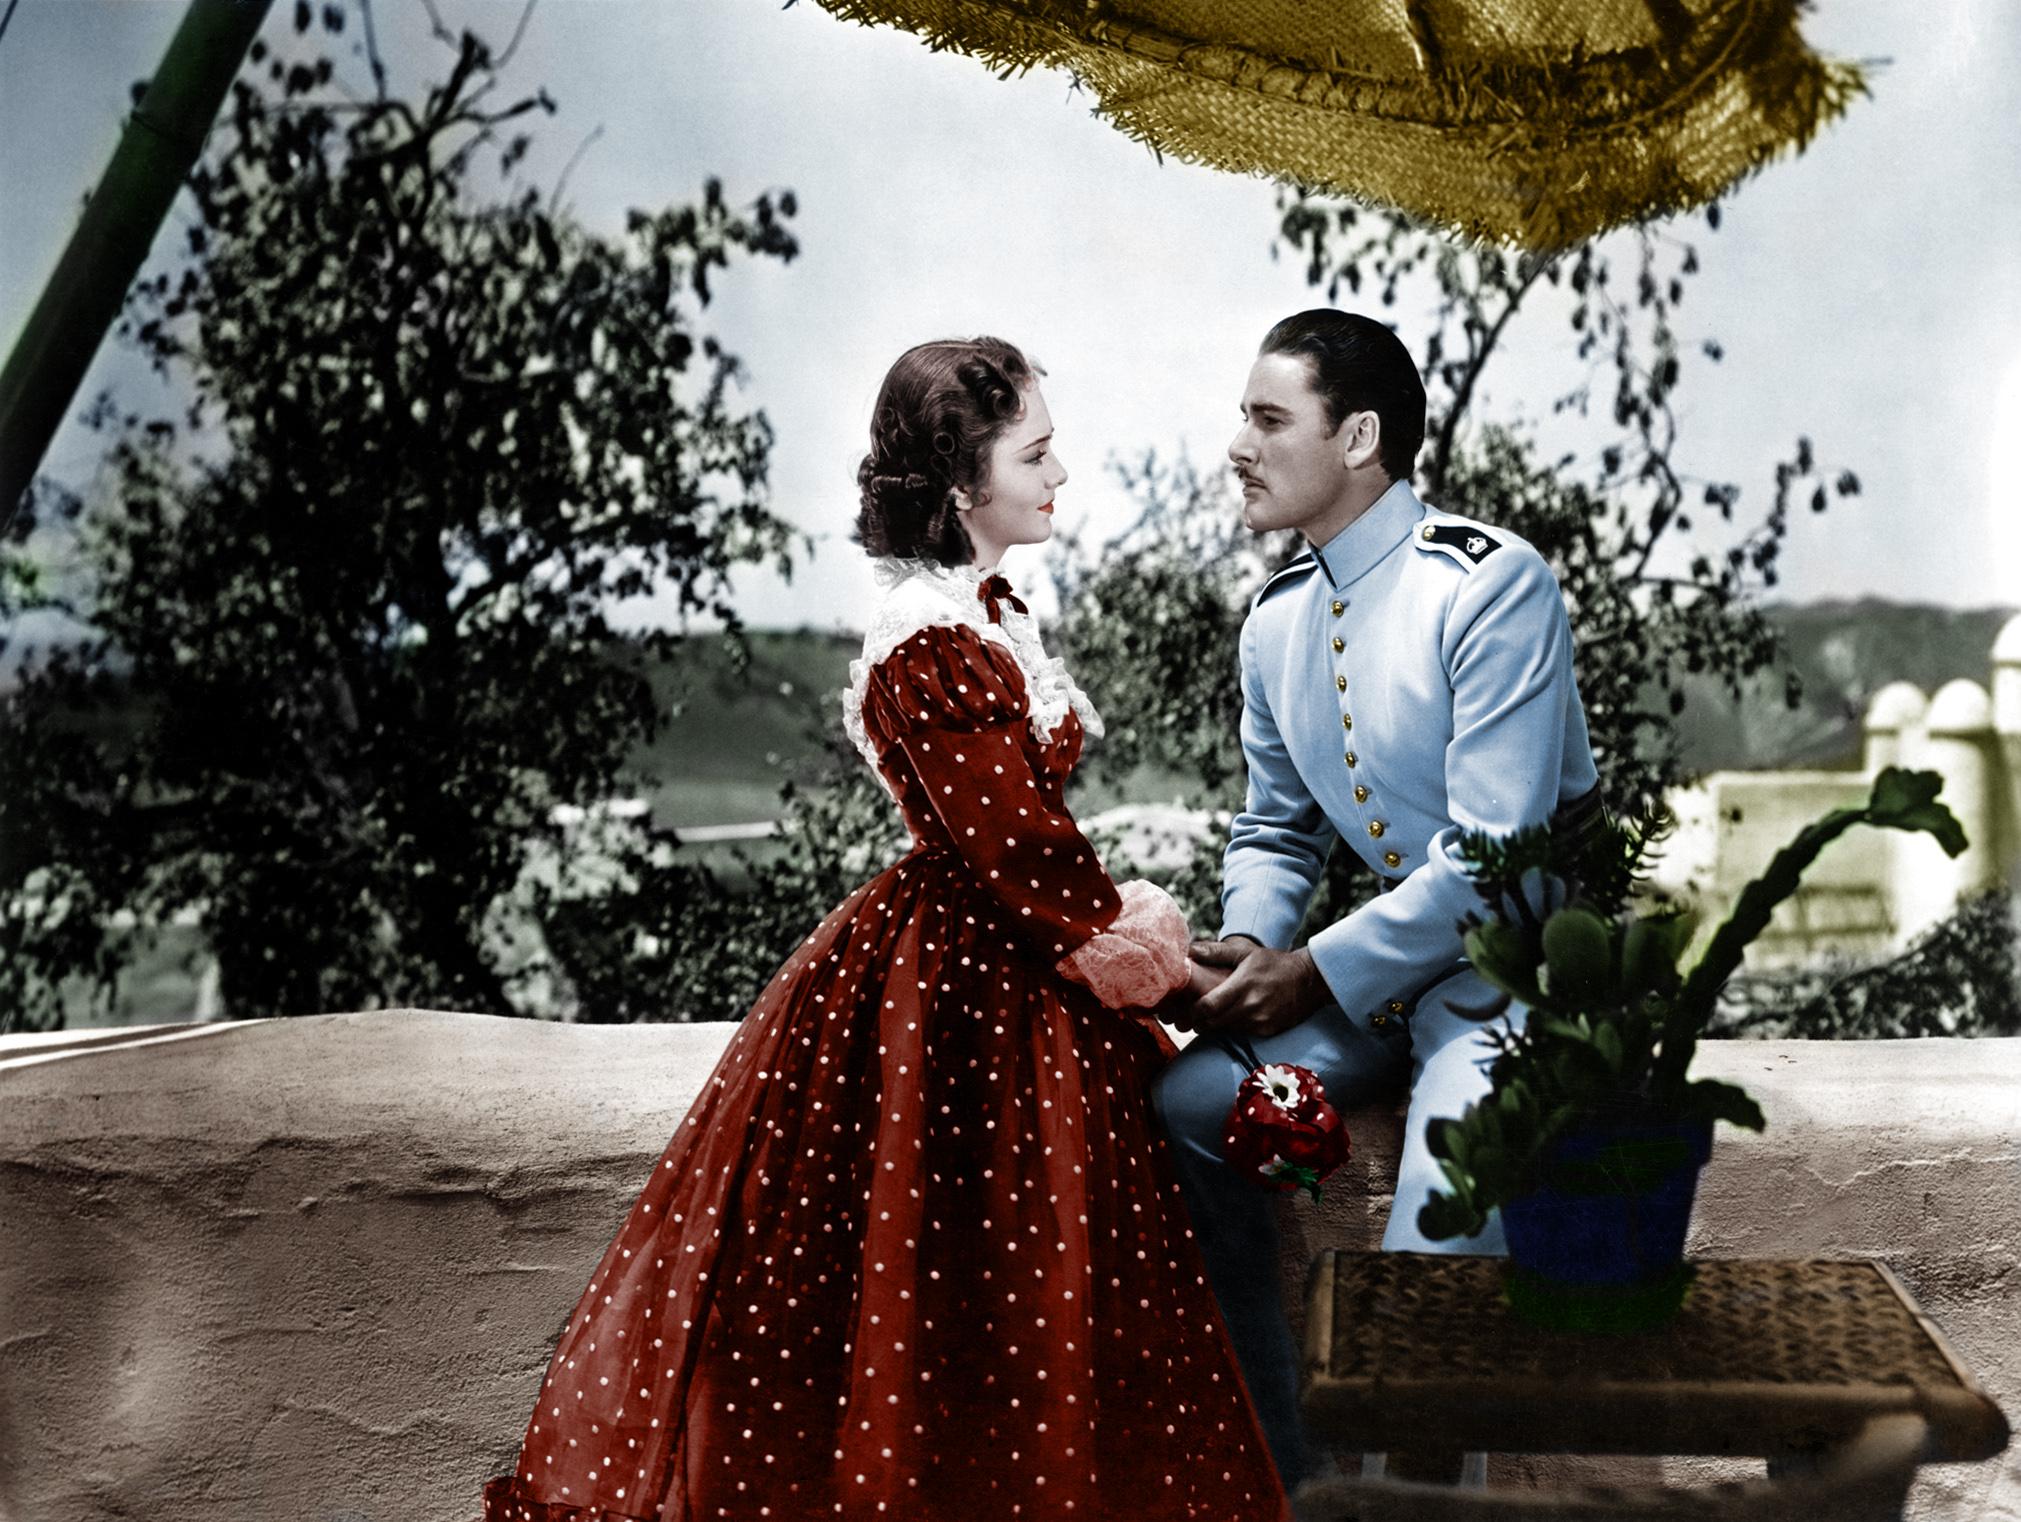 Errol Flynn With Olivia de Havilland